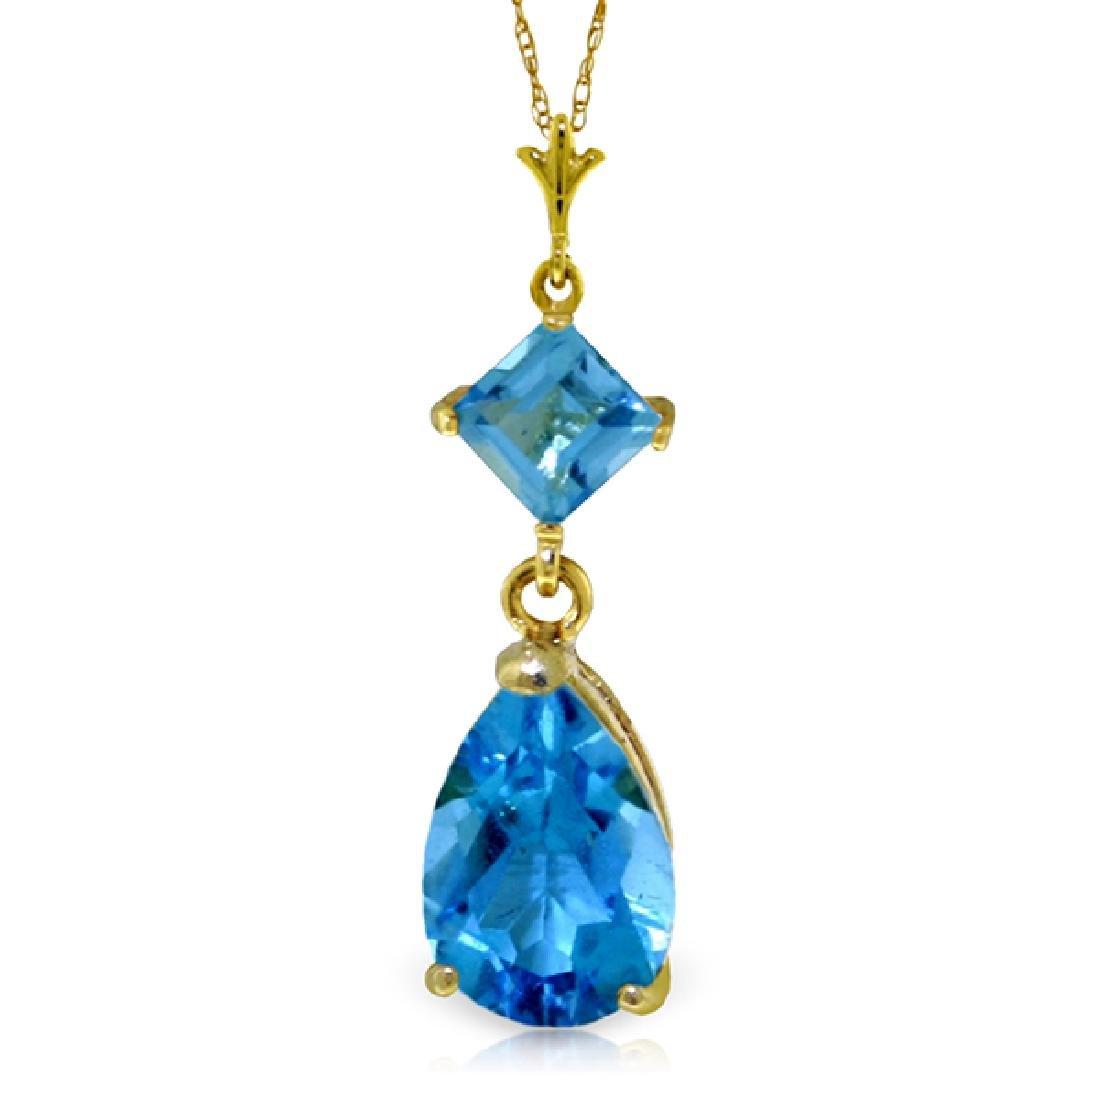 Genuine 2 ctw Blue Topaz Necklace Jewelry 14KT Yellow